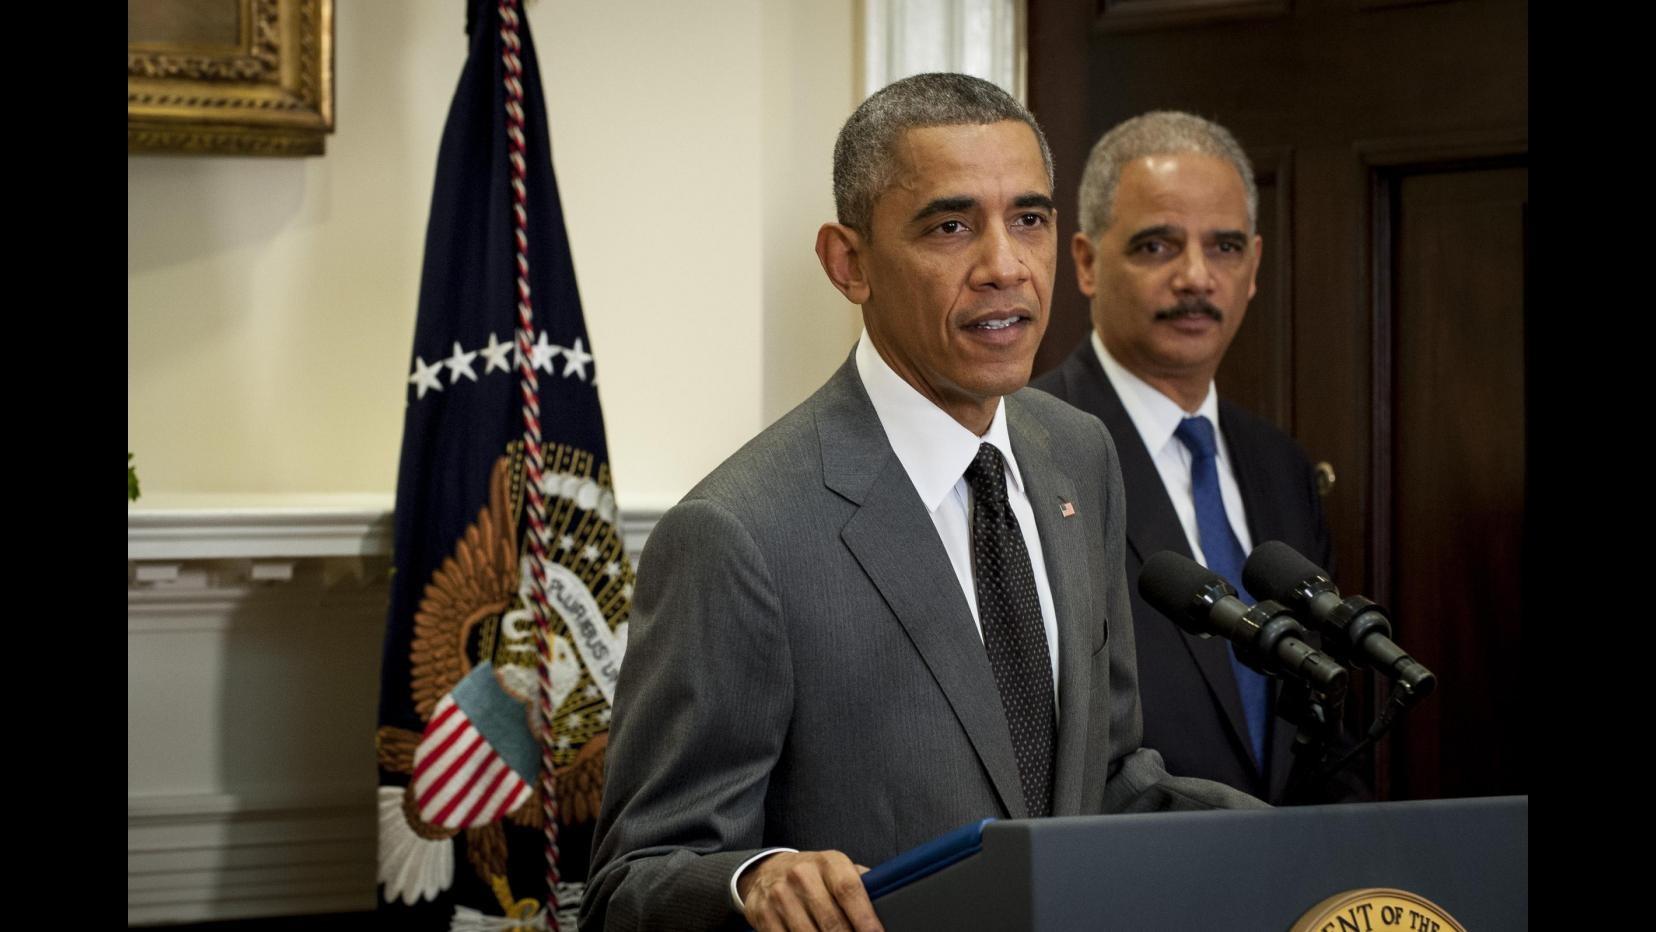 Usa, Obama: Omicidio agenti NY da condannare in modo incondizionato